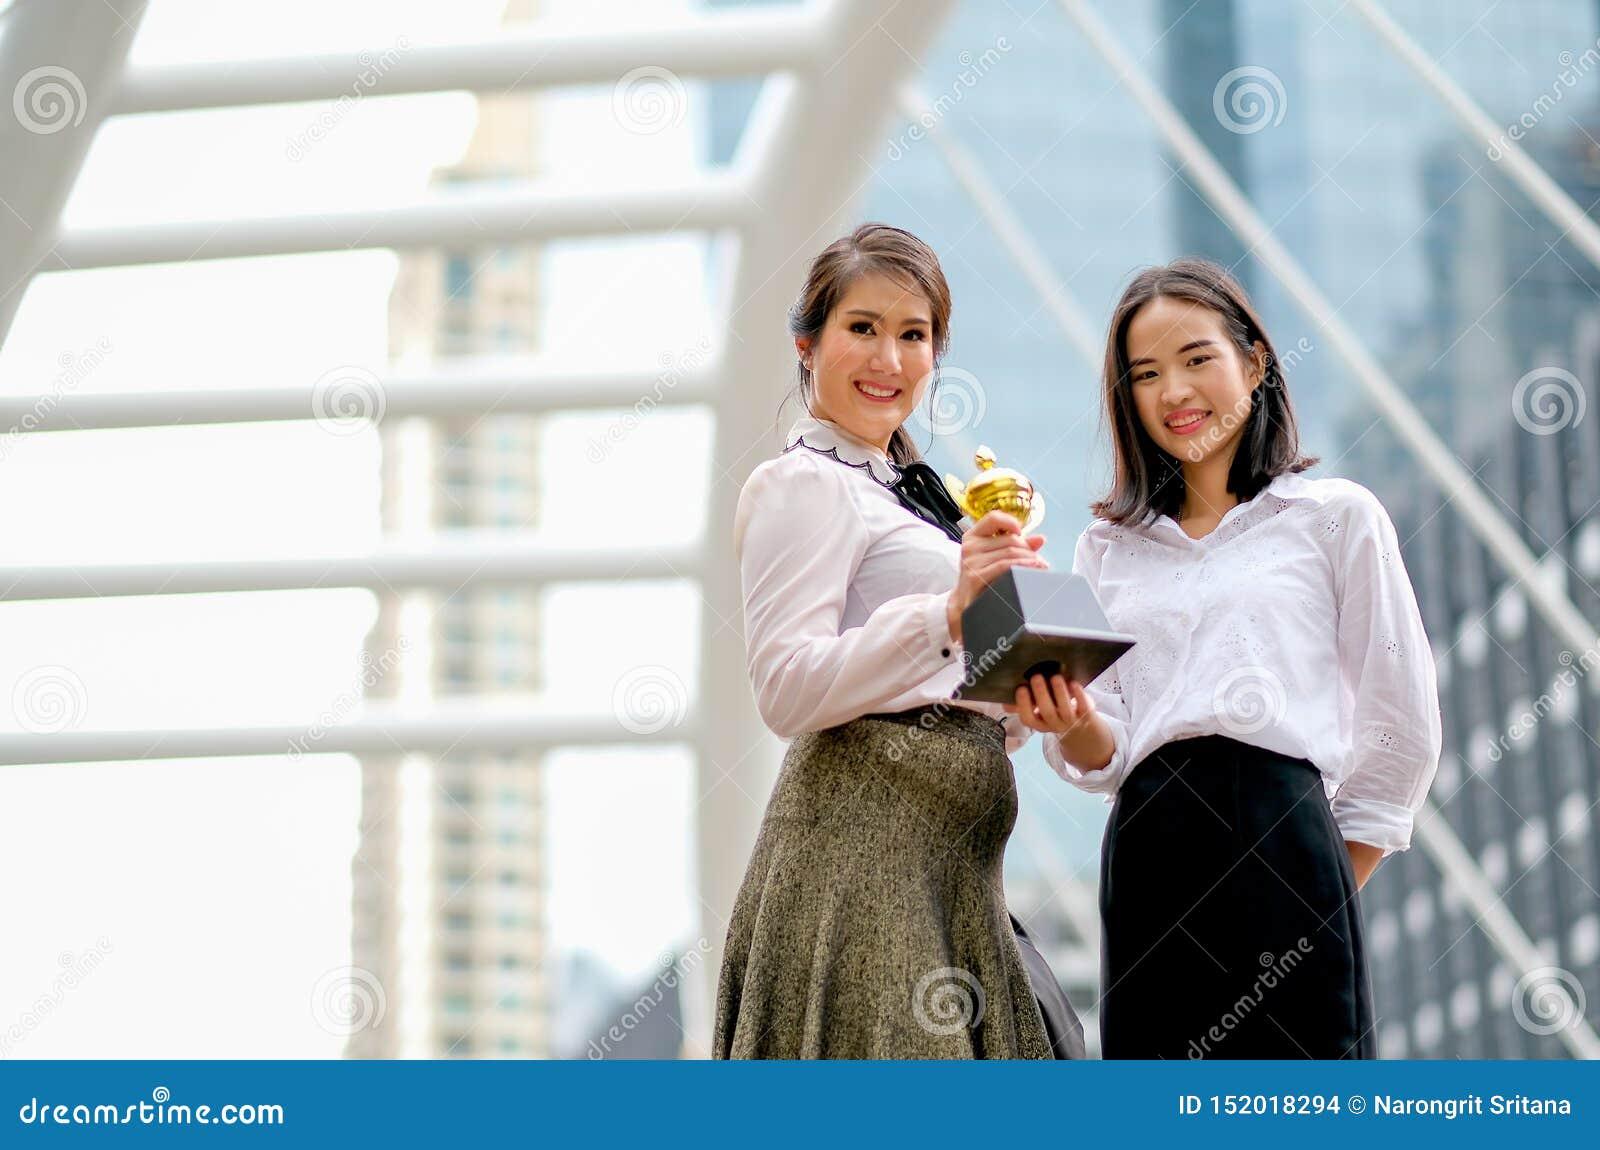 Las muchachas hermosas del negocio muestran su trofeo del éxito en sus trabajos y se colocan entre el alto edificio en la ciudad